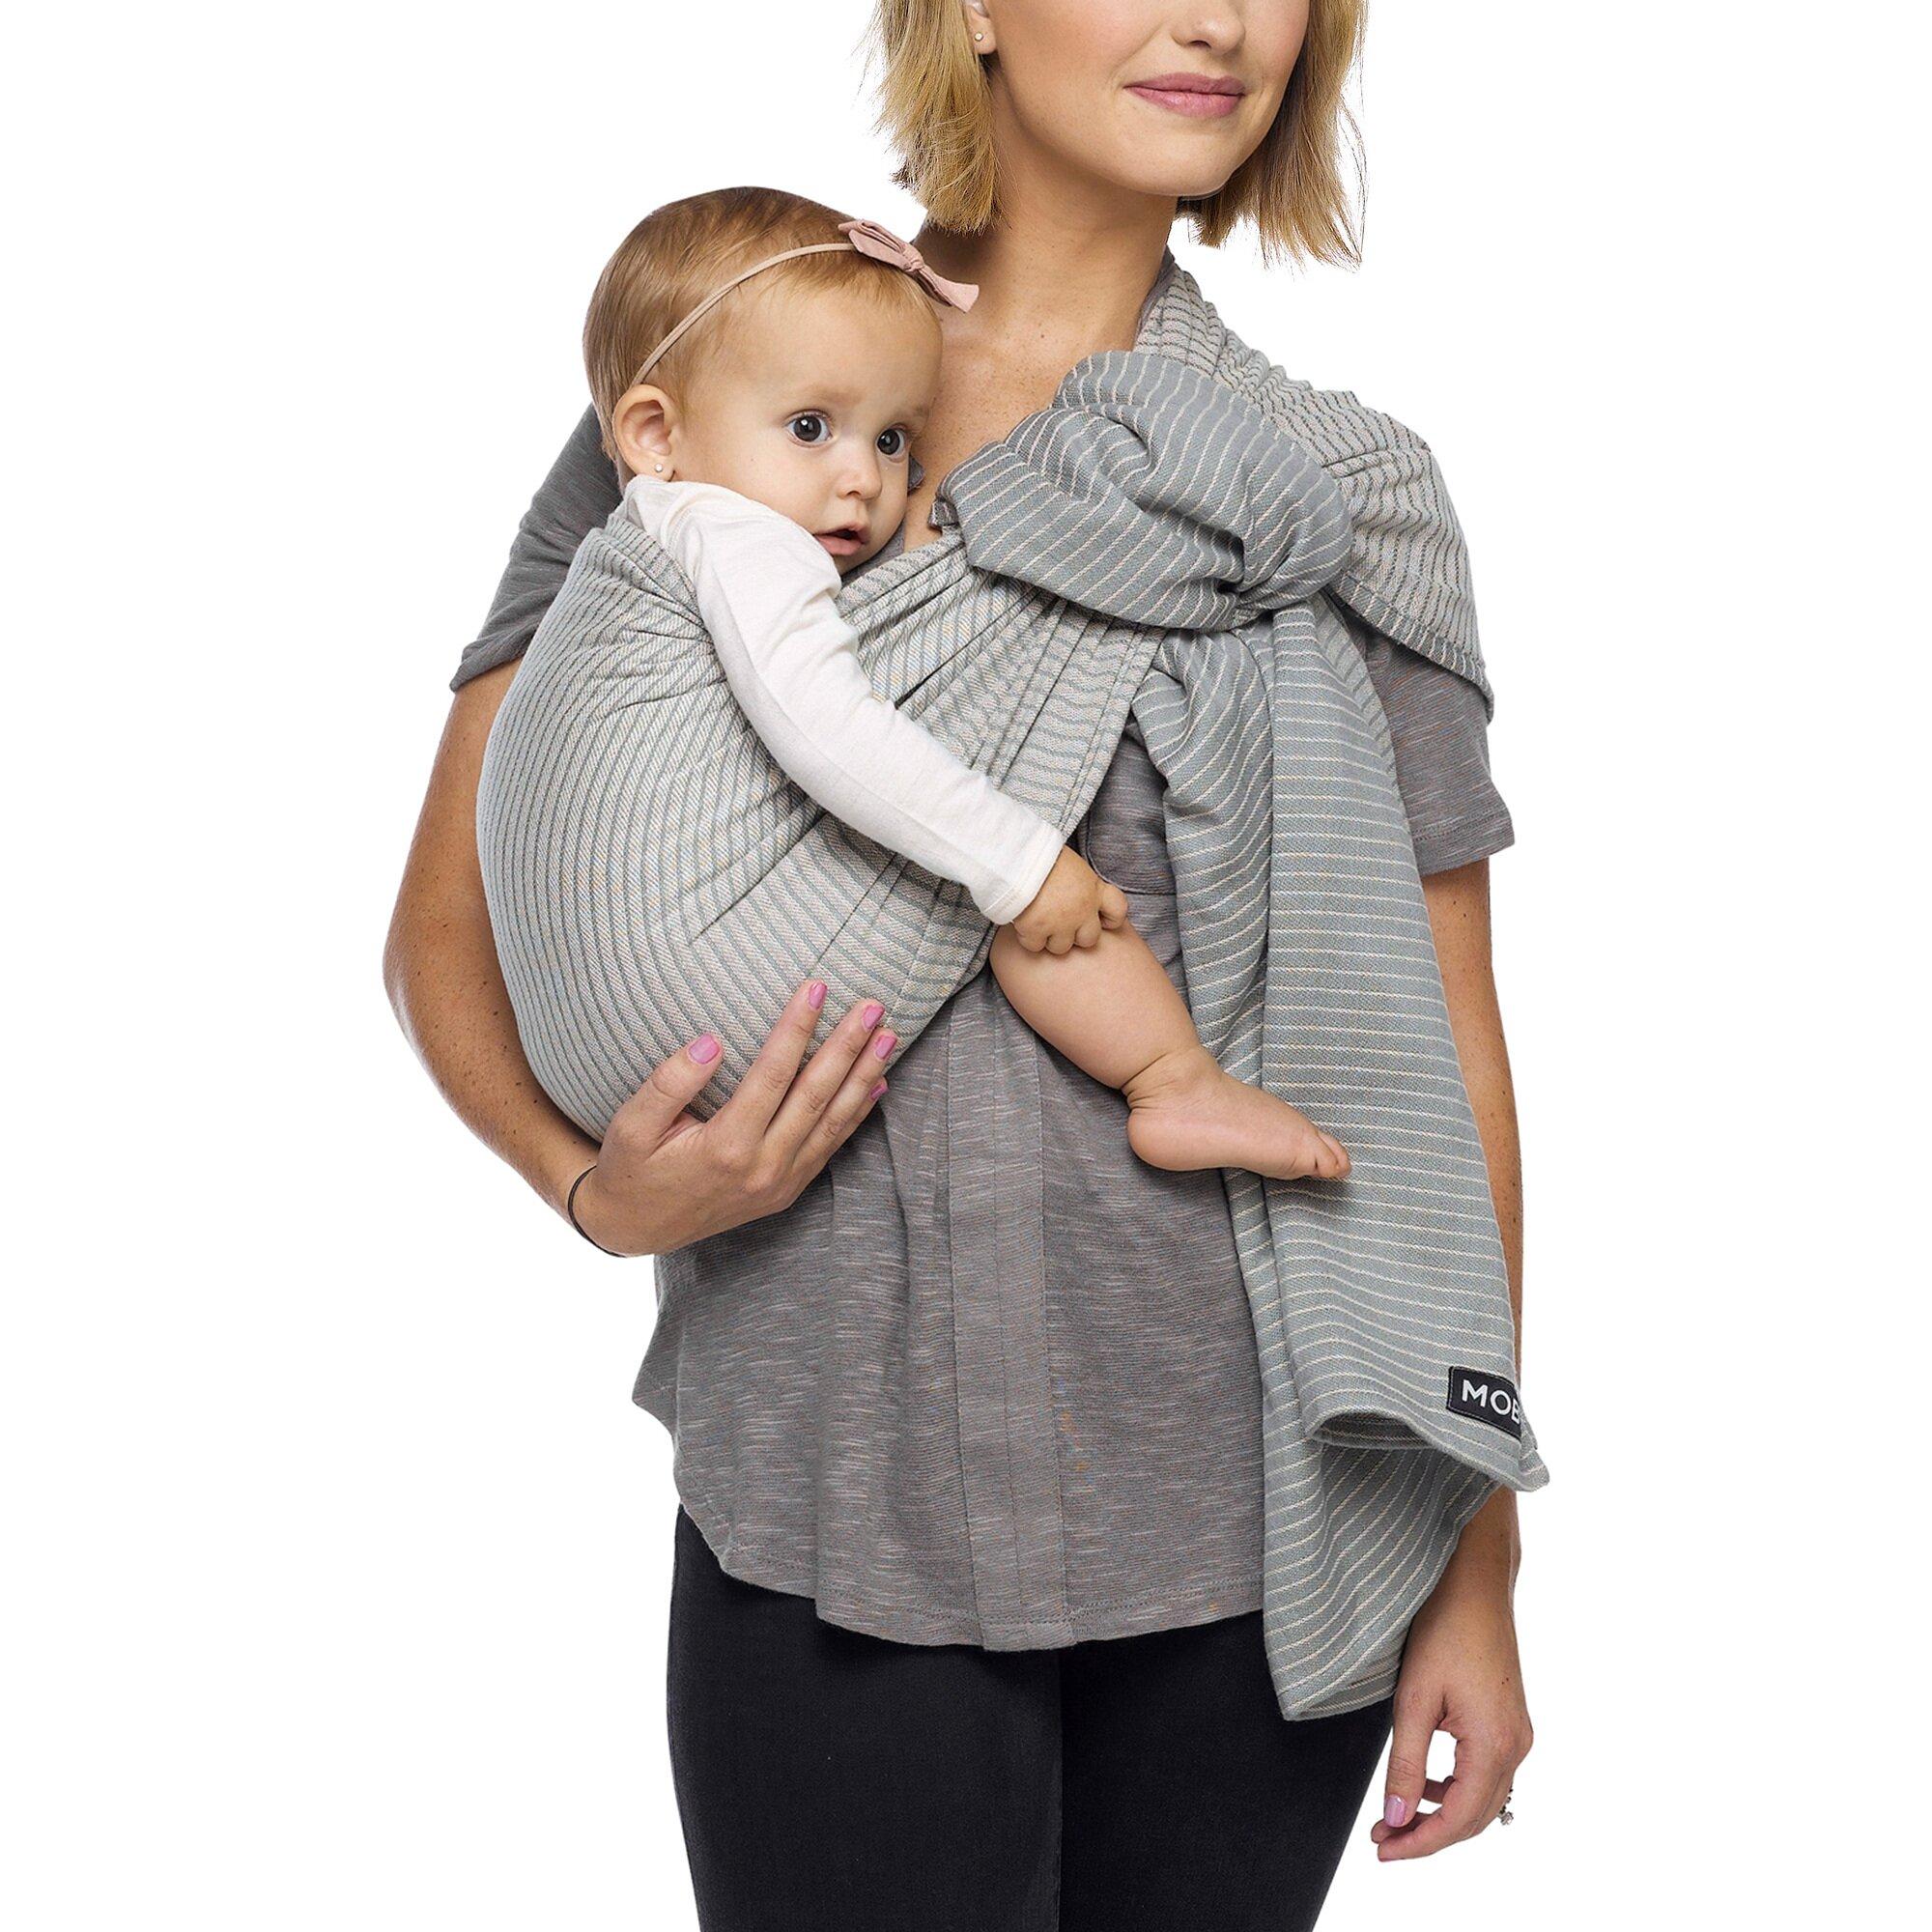 moby-sling-babytragetuch-216-cm-grau